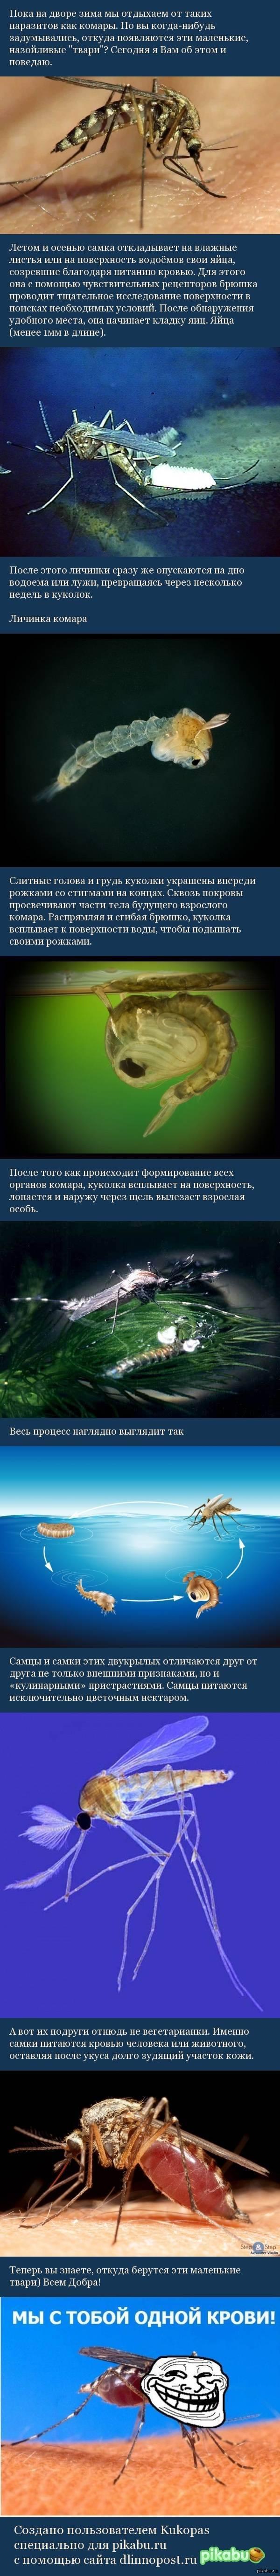 Откуда появляются комары